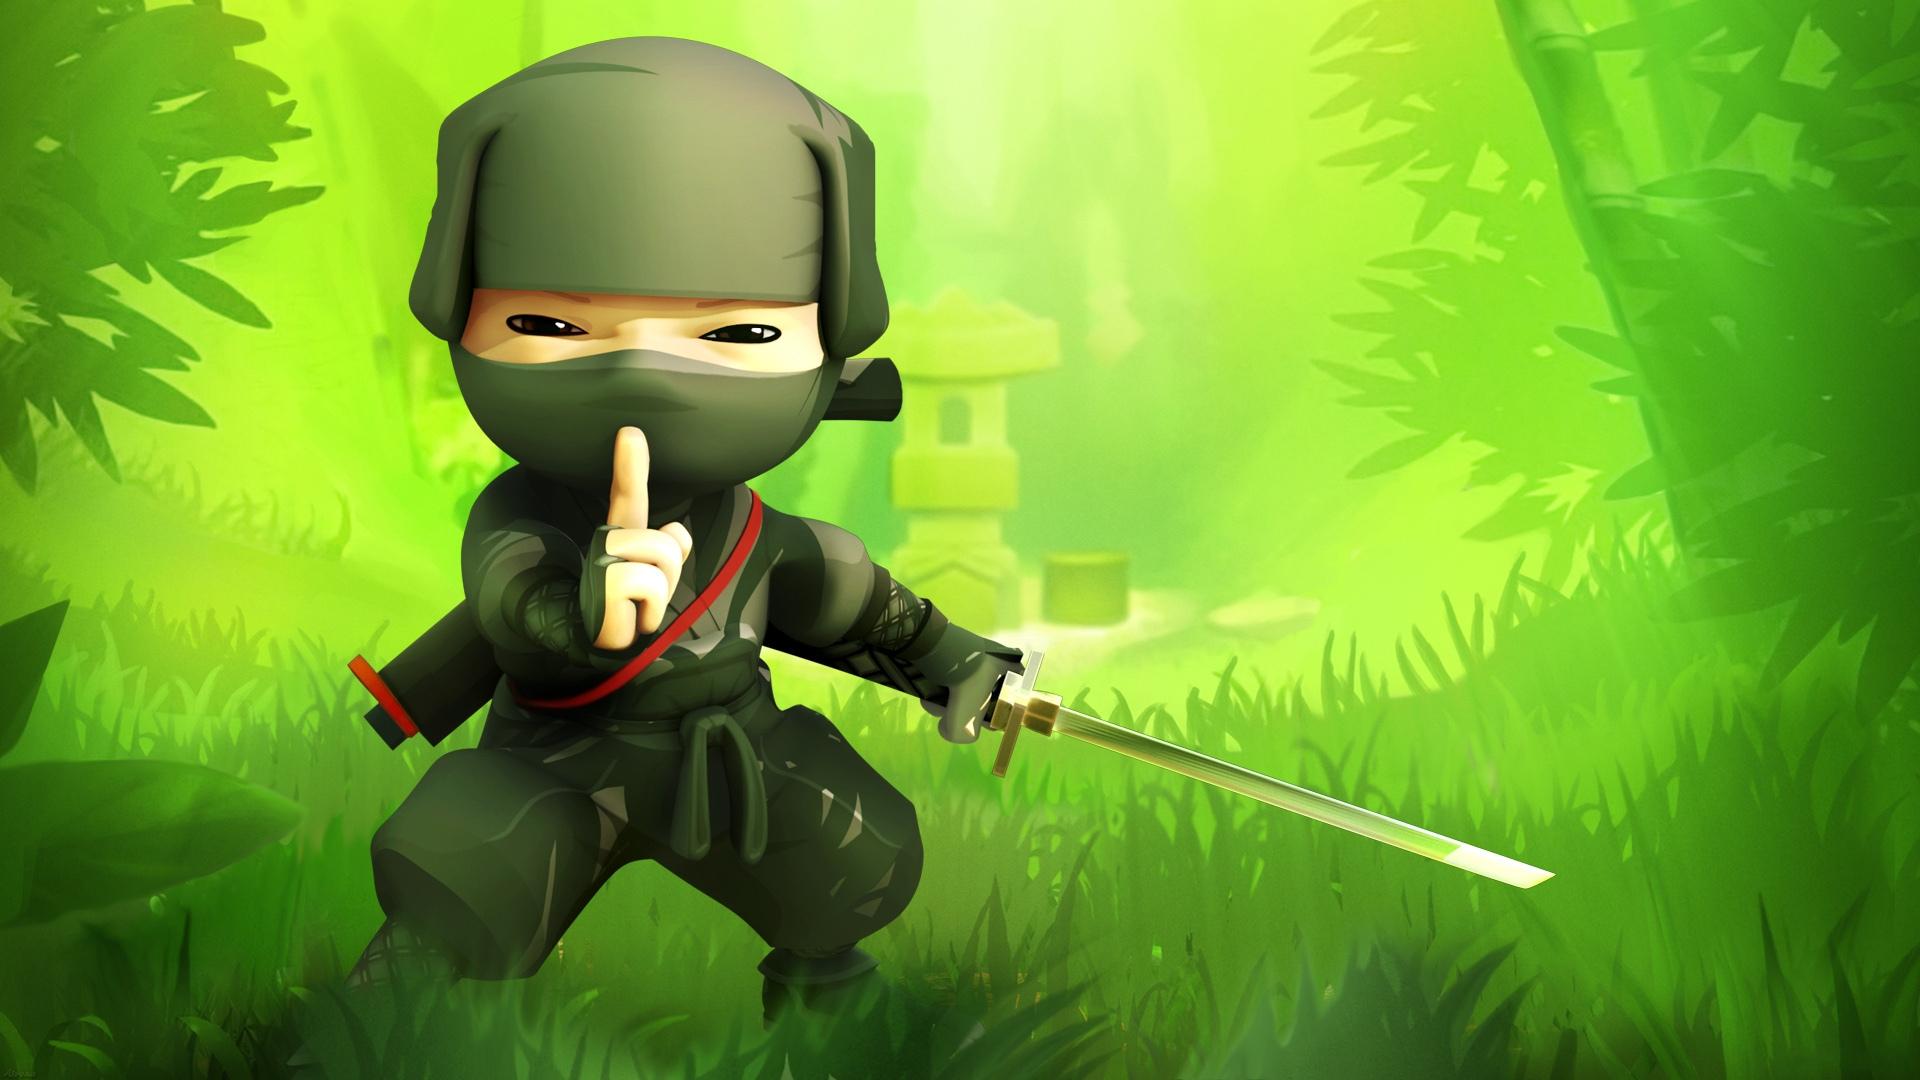 Mini ninjas wallpaper hd 46935 1920x1080 px hdwallsource mini ninjas wallpaper hd 46935 voltagebd Gallery